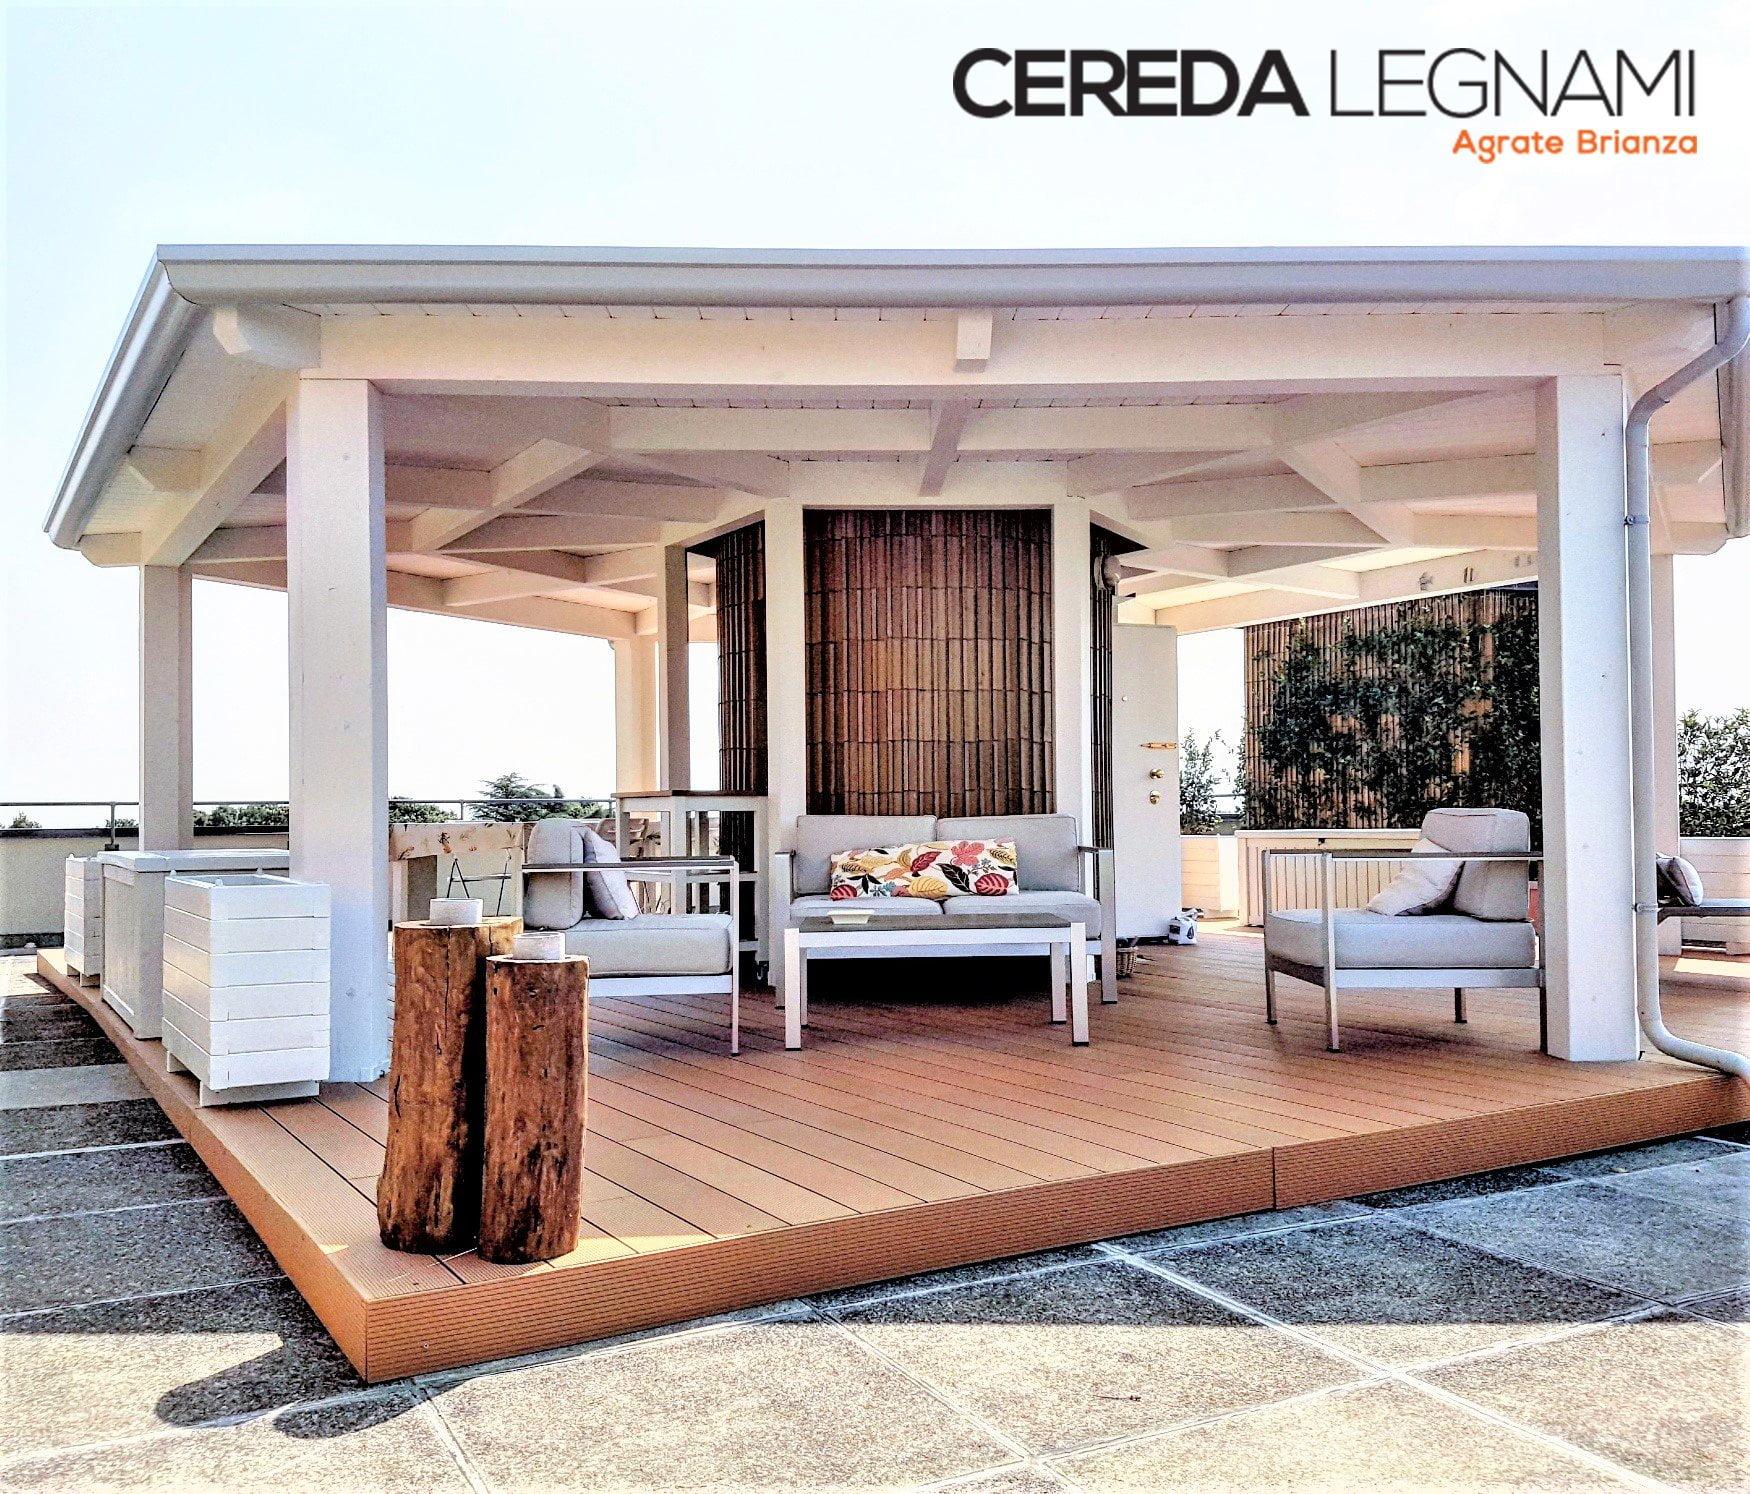 Veranda moderna design in legno lamellare bianco cereda for Rivestimento perline legno bianco